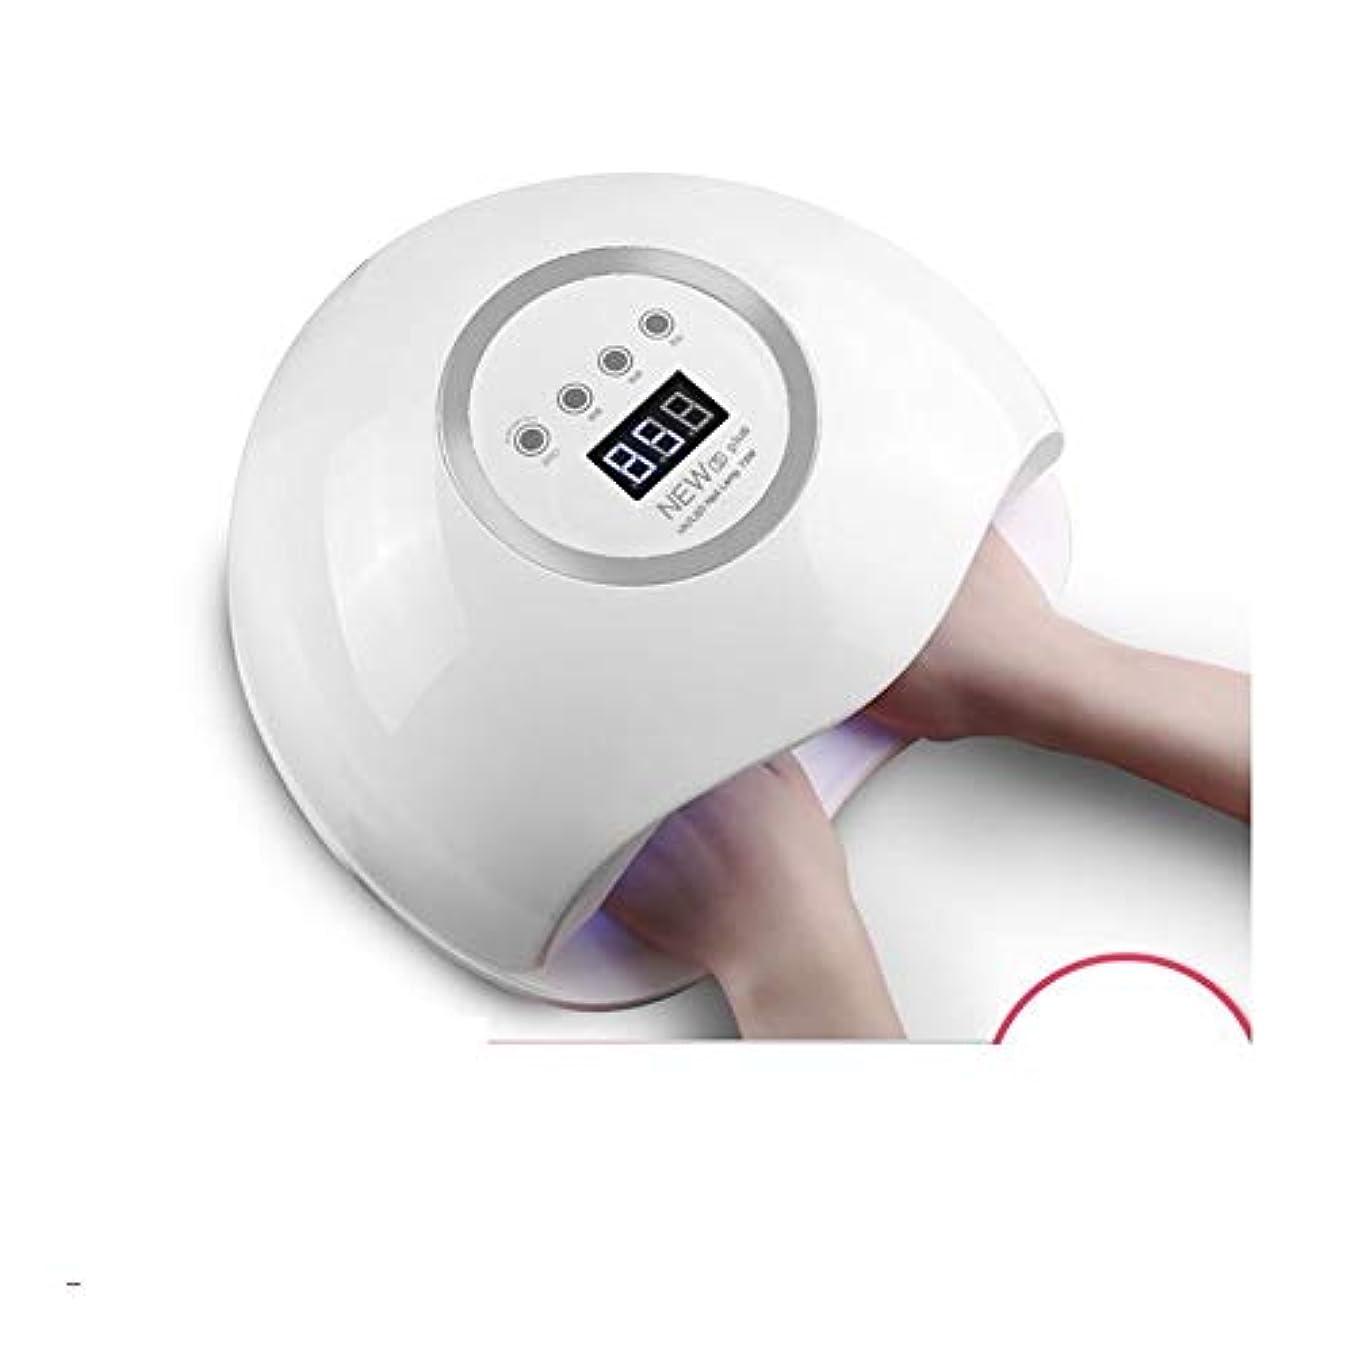 カスケード心から劇的LittleCat 速乾性ネイルUVドライヤーの熱ランプLEDネイル無痛インテリジェントセンサー太陽灯 (色 : European standard circular plug)